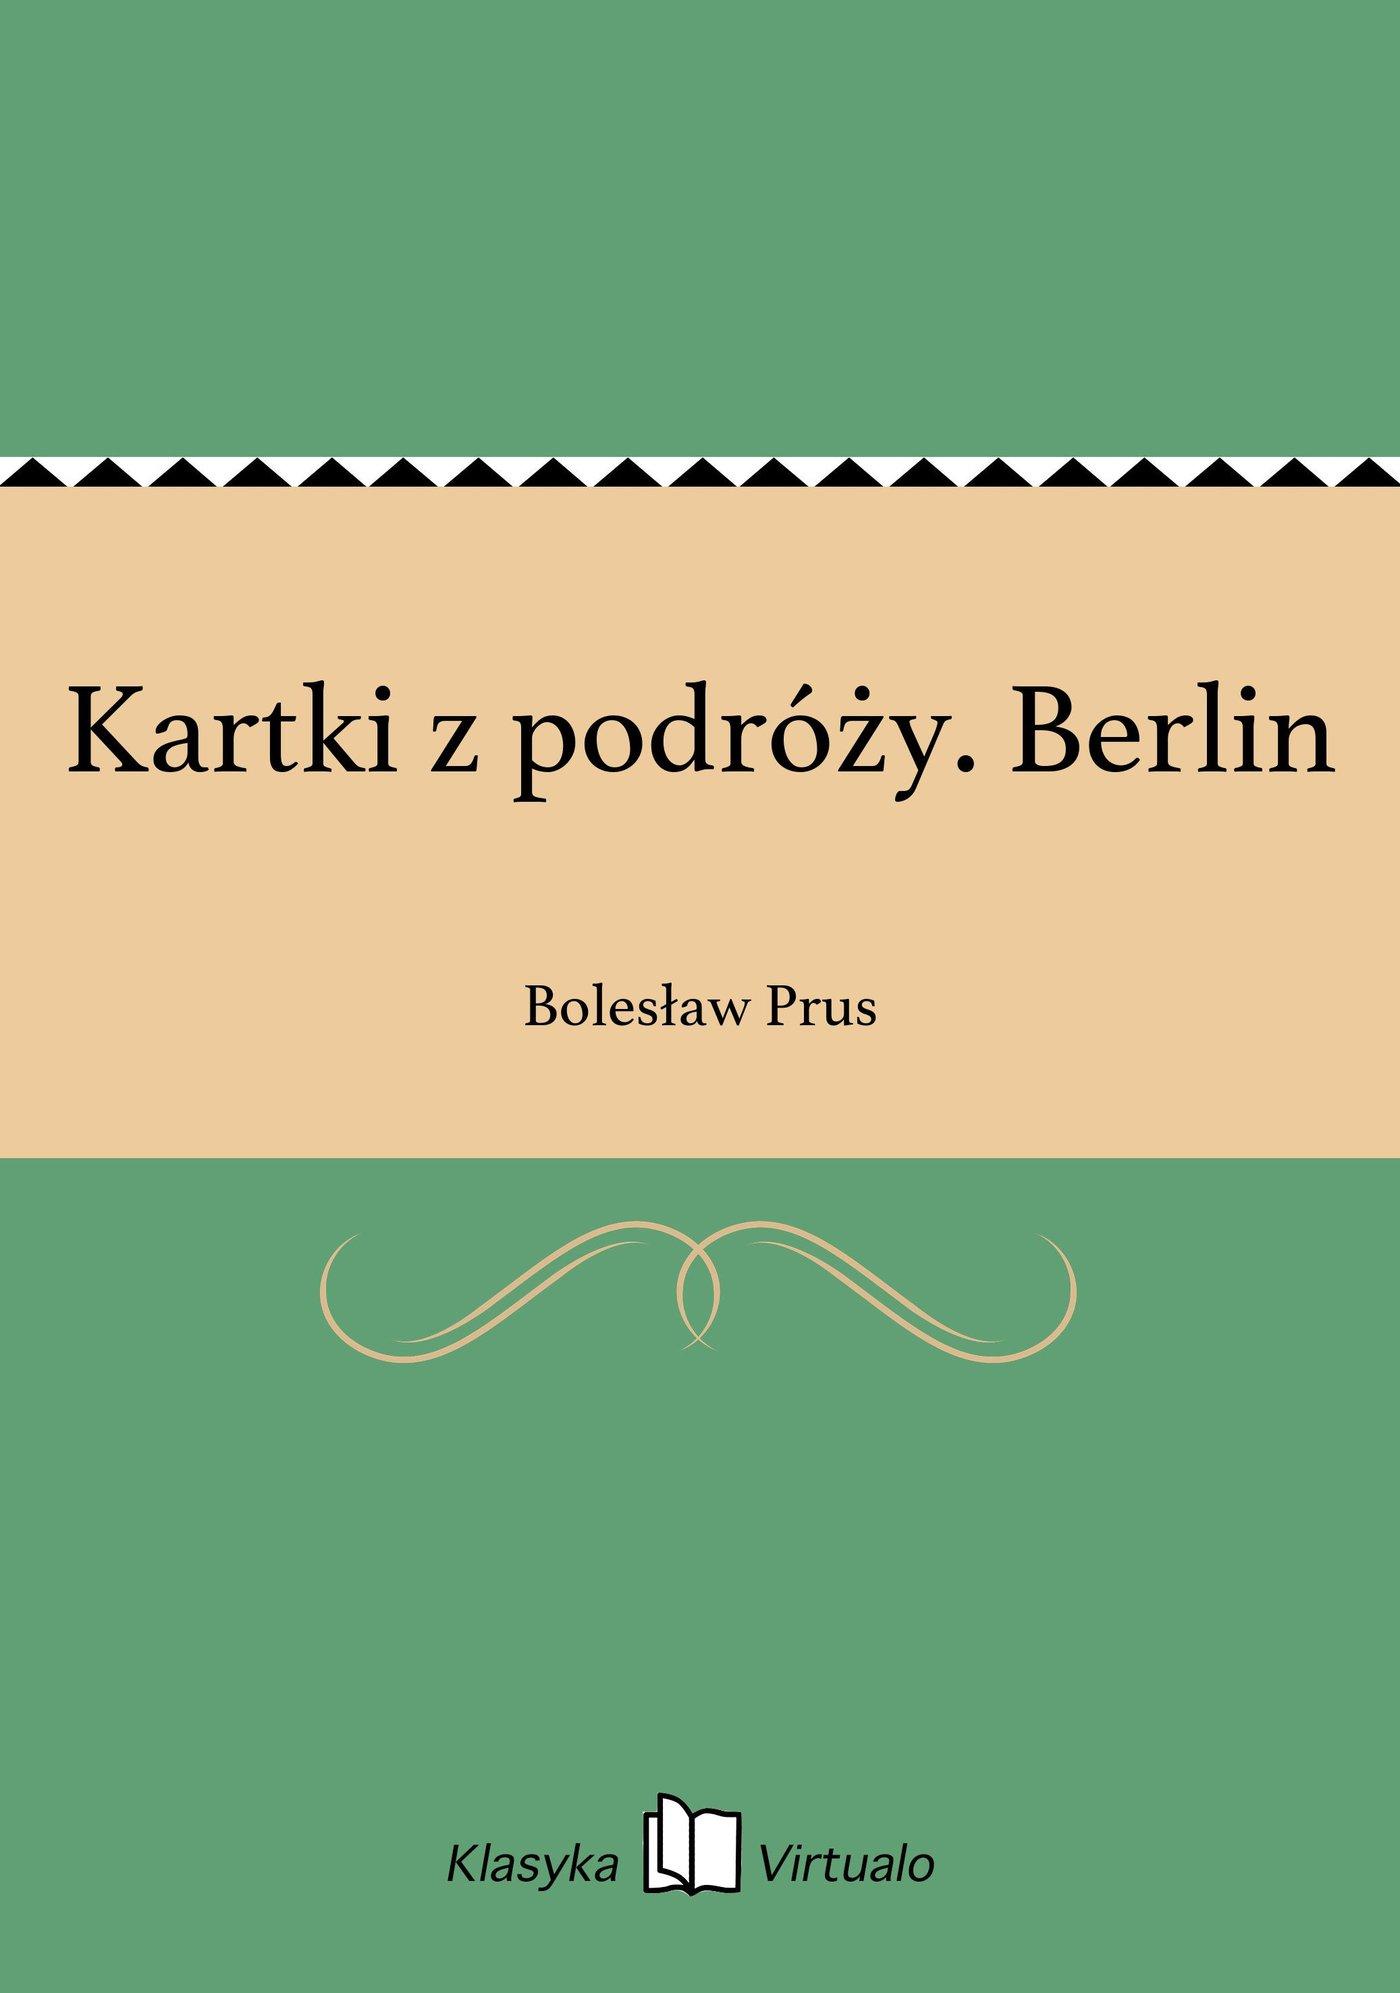 Kartki z podróży. Berlin - Ebook (Książka na Kindle) do pobrania w formacie MOBI